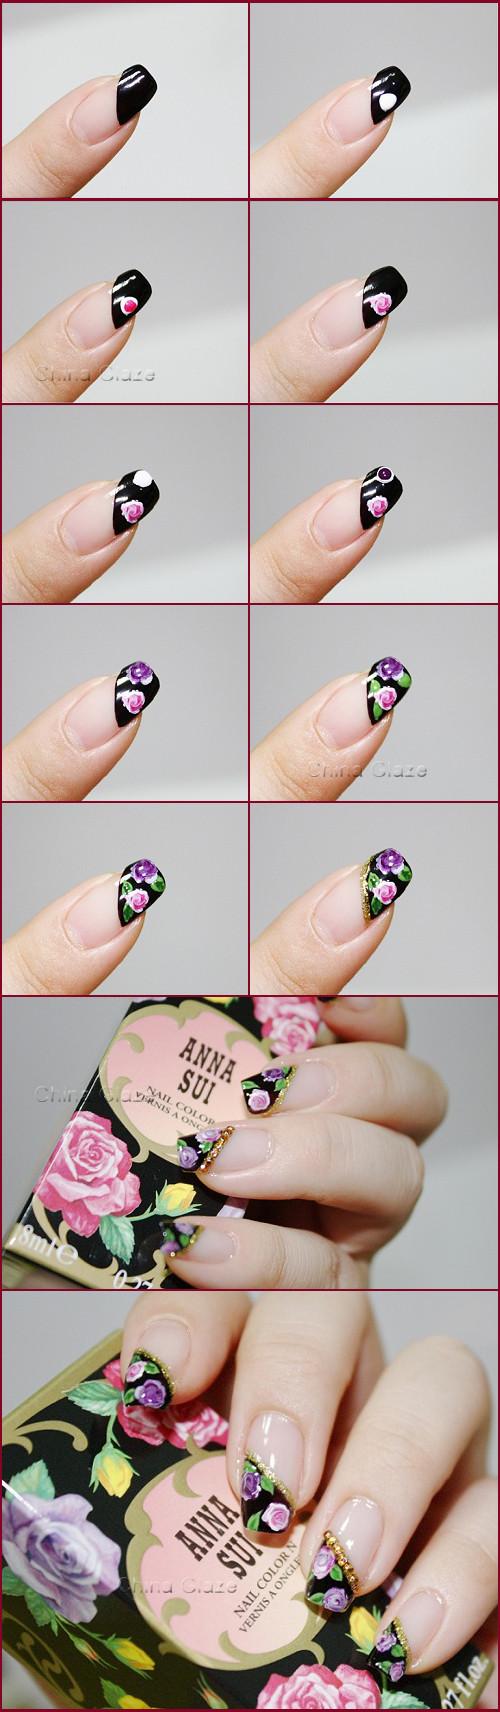 第三步 点上白色 再用紫色指甲油 打圈,第四步 用美甲笔画上叶子,第五